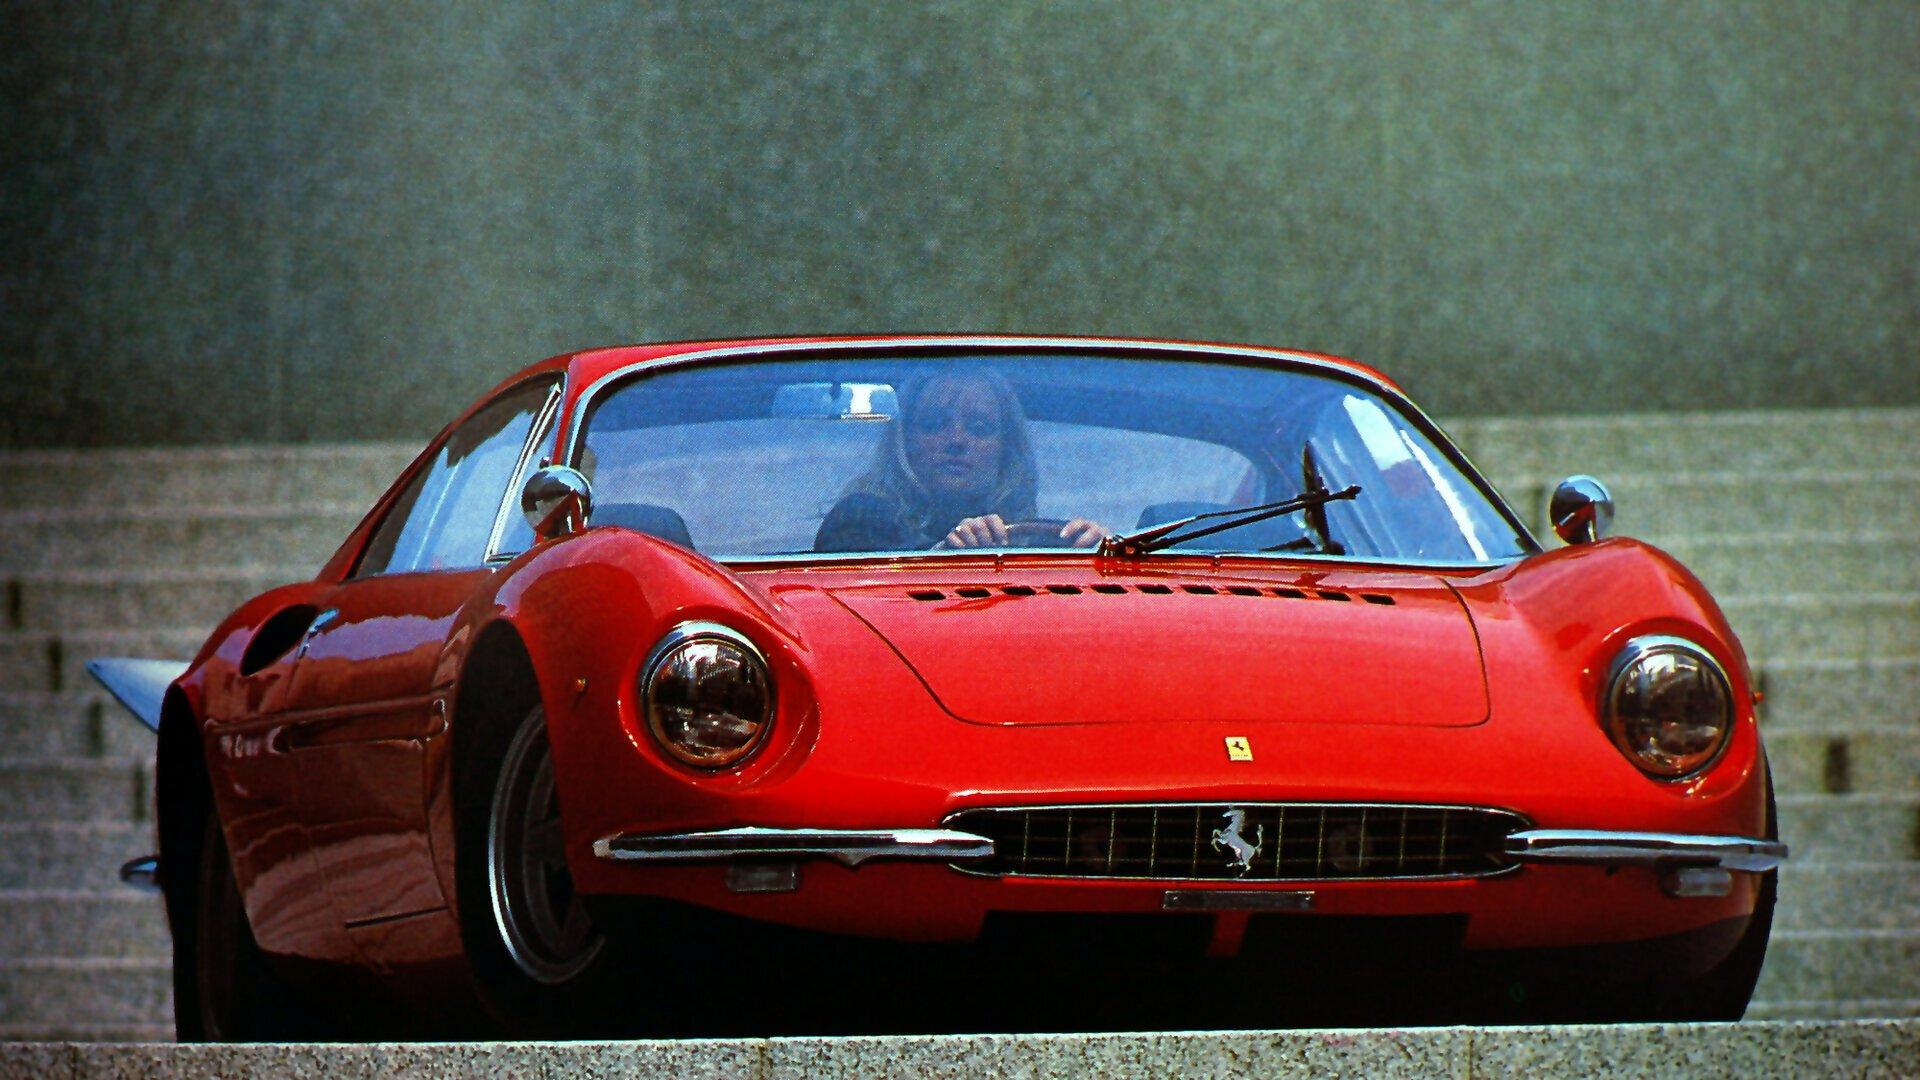 Coche del día: Ferrari 365 P Berlinetta Speciale